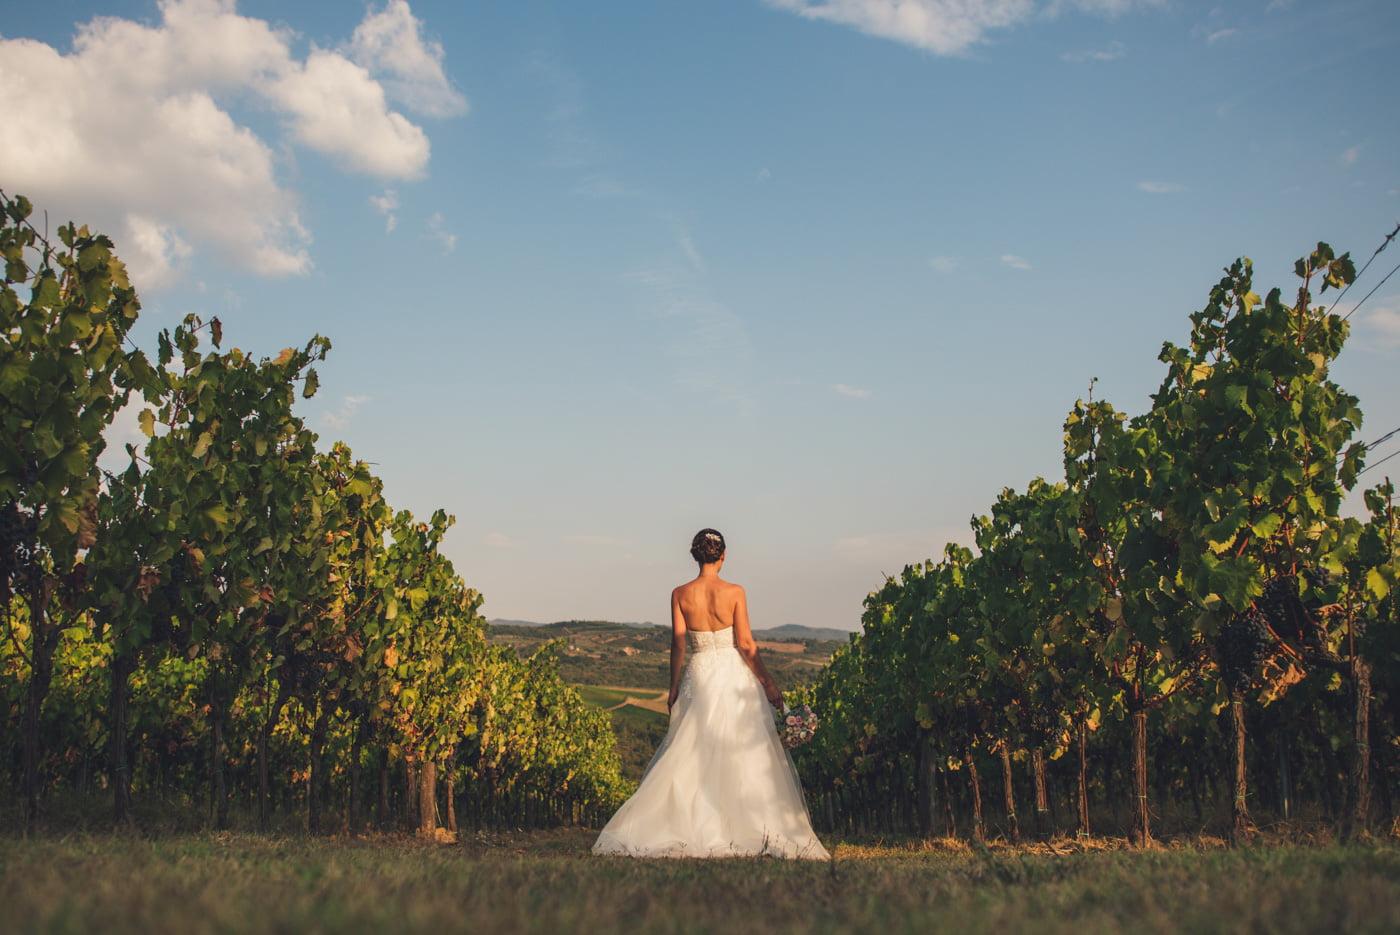 046-wedding-tuscany-rignana